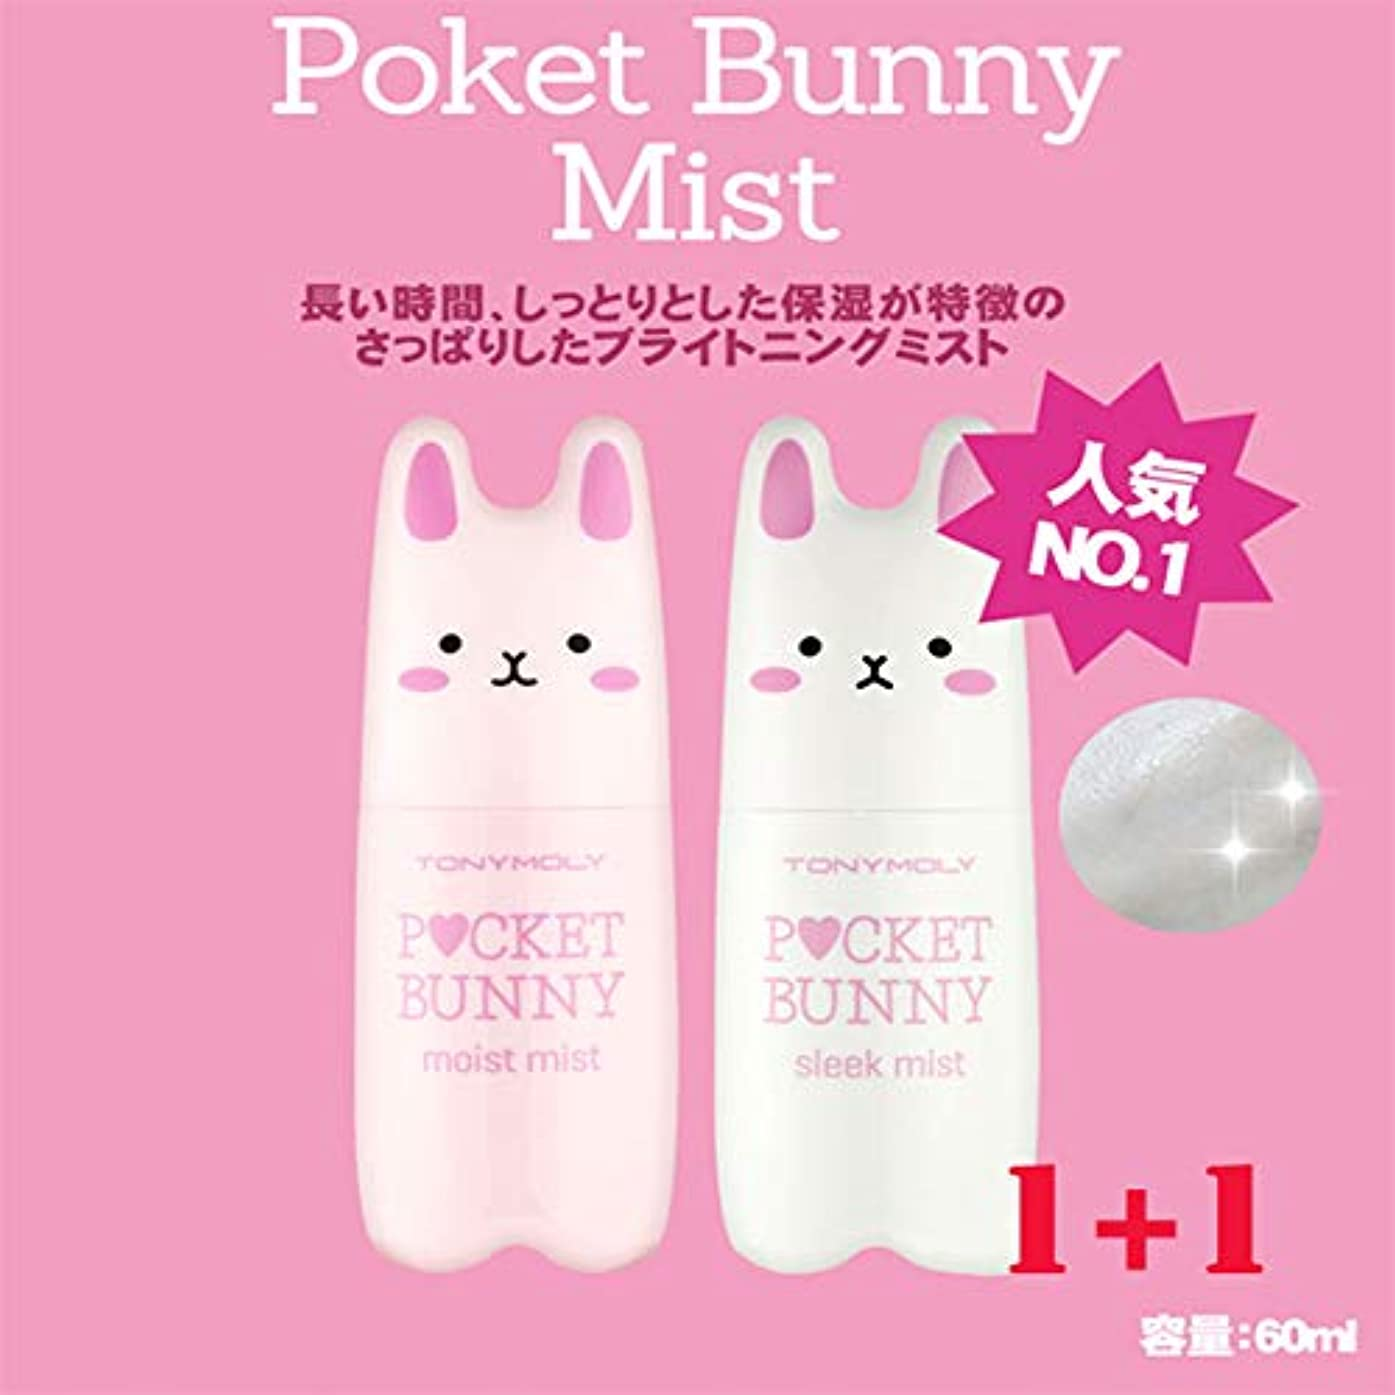 味方安心メイド[TONYMOLY]★1+1★トニーモリー ポケットバニー ミスト?すべすべタイプ +モイスト?ミスト,ピンク (Pocket Bunny Mist Sleek Mist 60ml)+ (Pocket Bunny Moist...